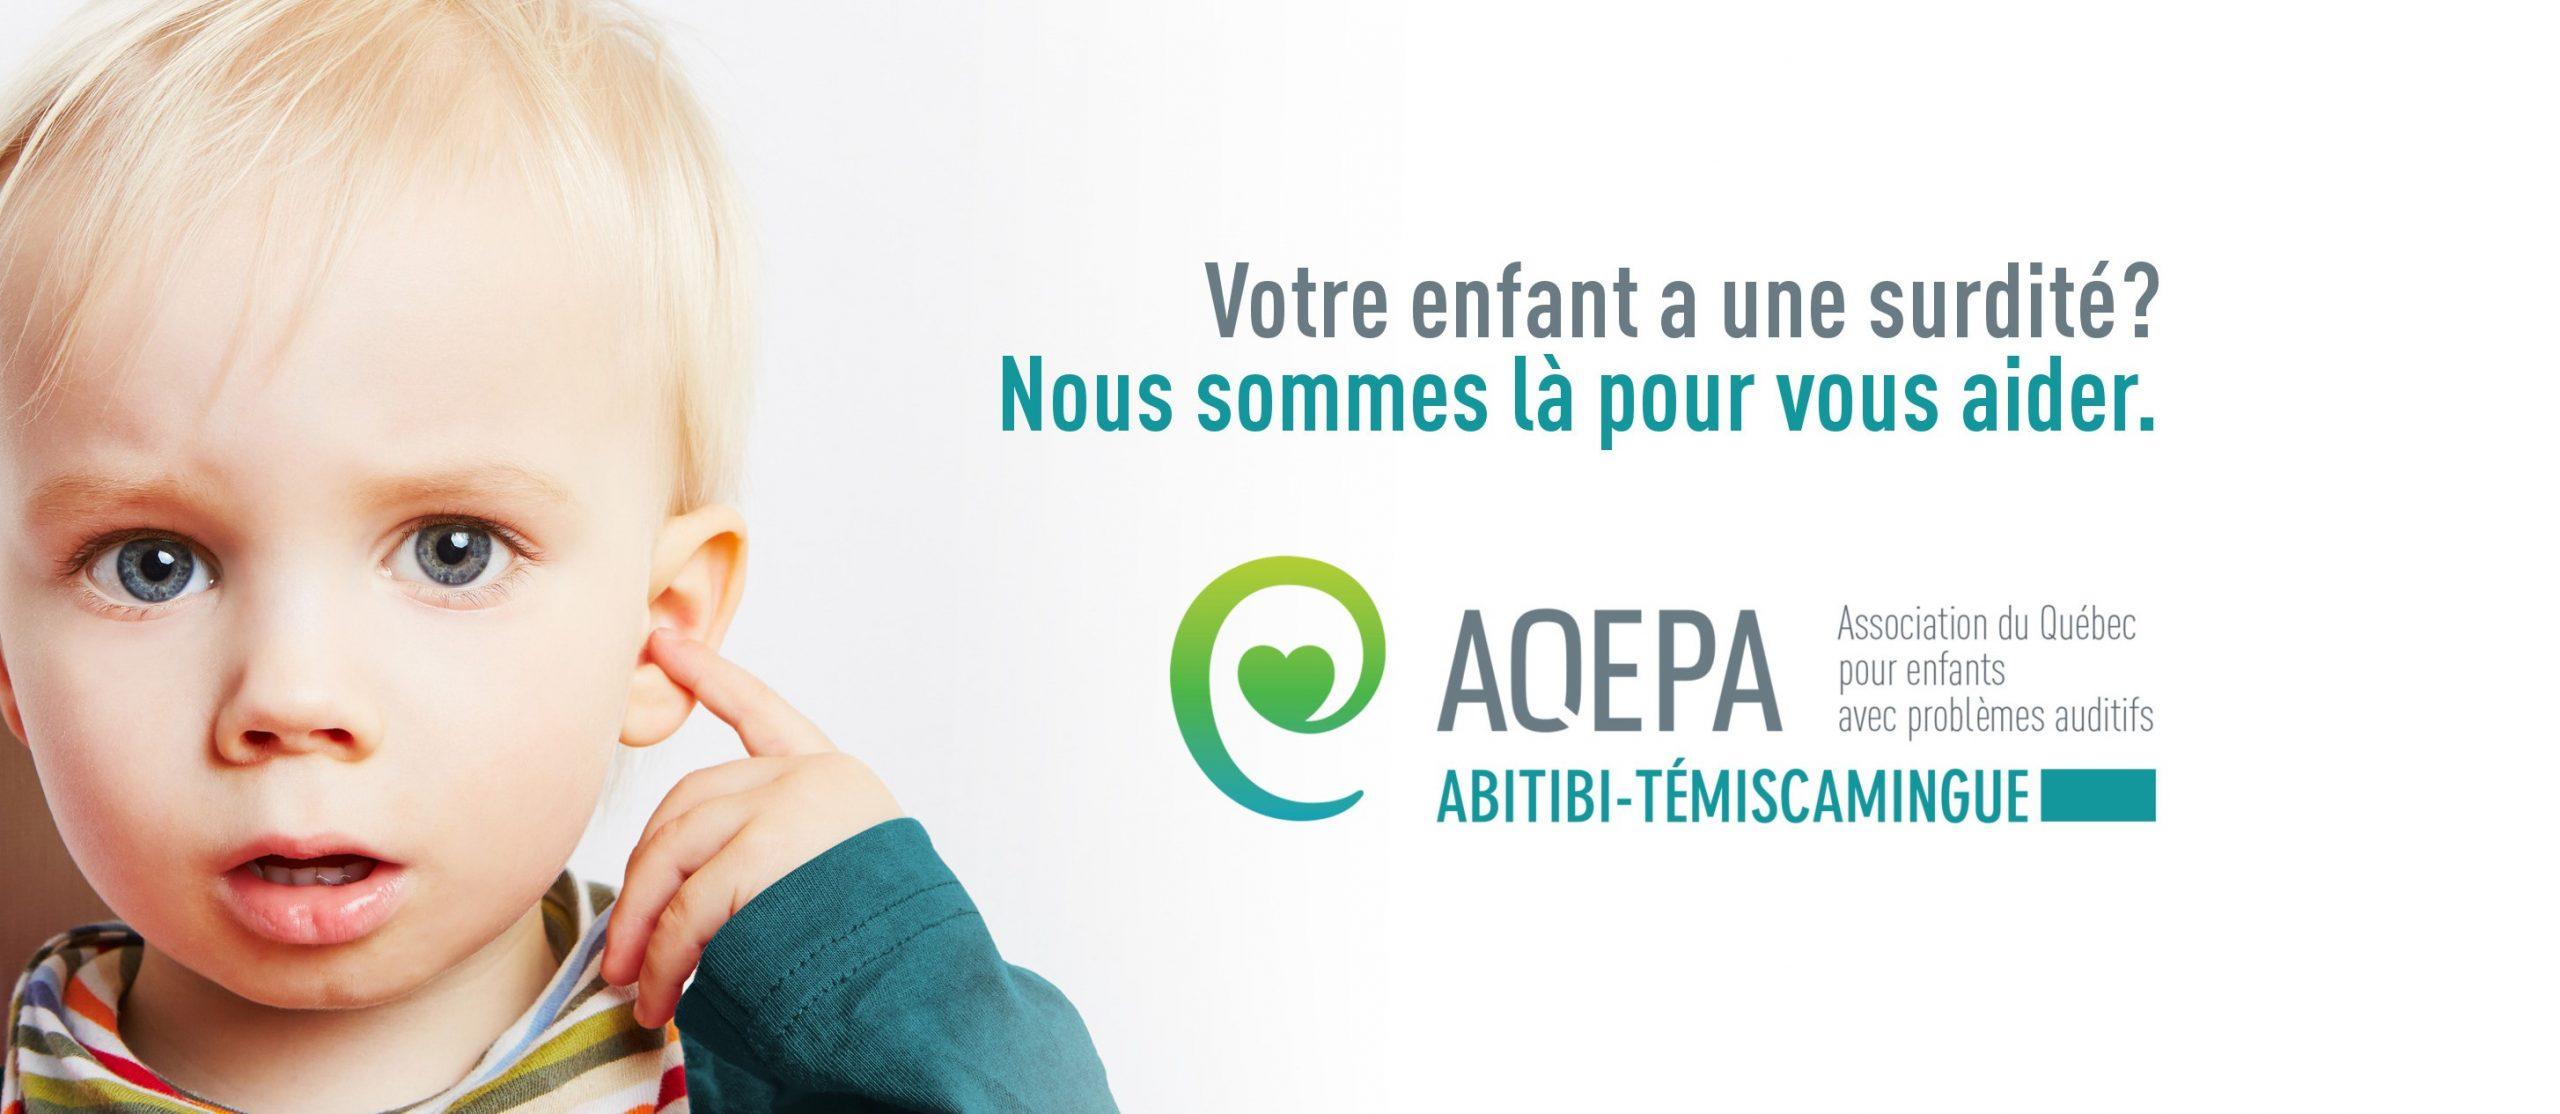 couv facebook AQEPA abitibi